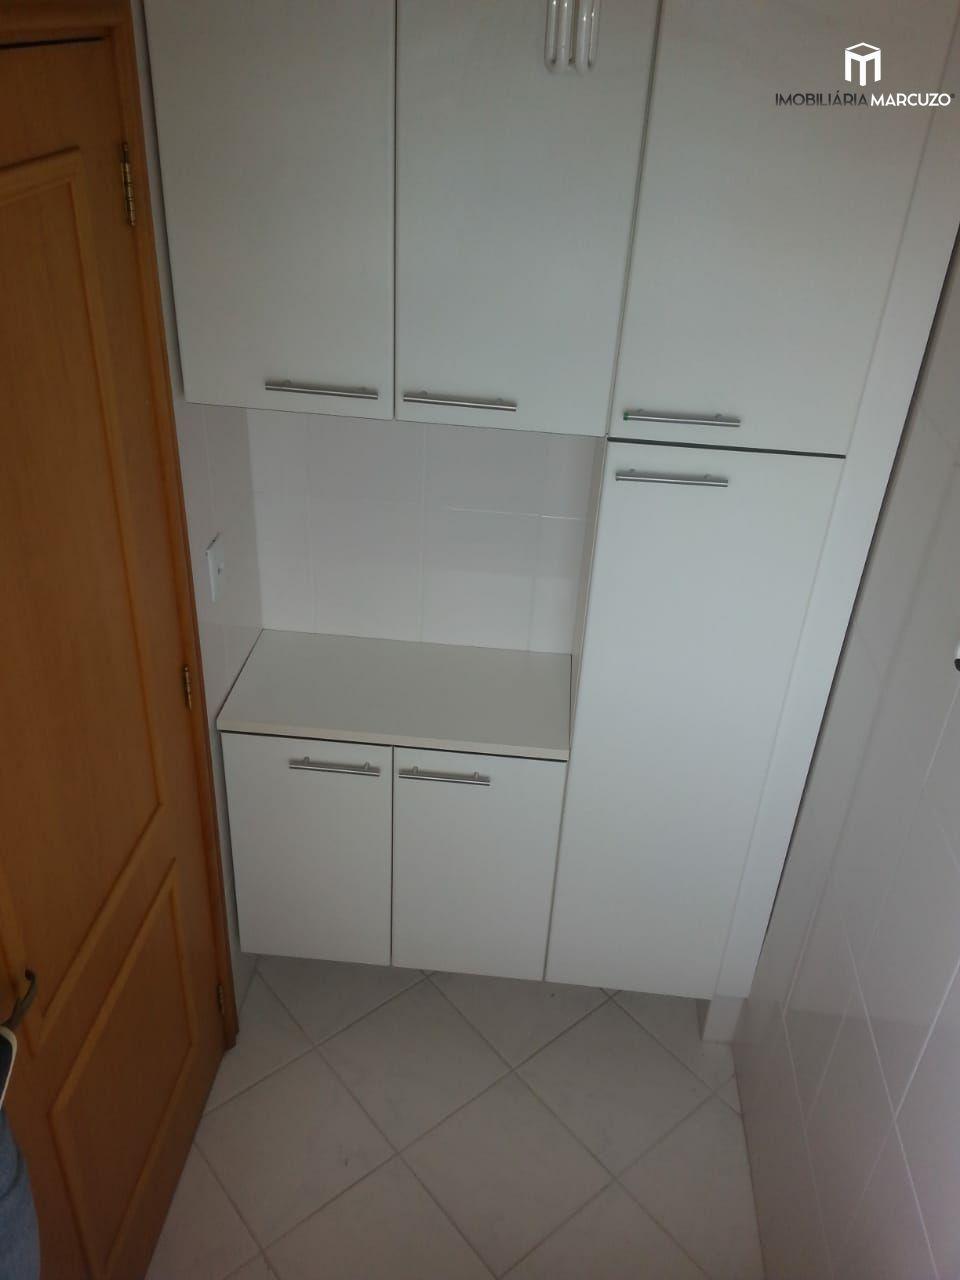 Apartamento com 3 Dormitórios à venda, 103 m² por R$ 480.000,00